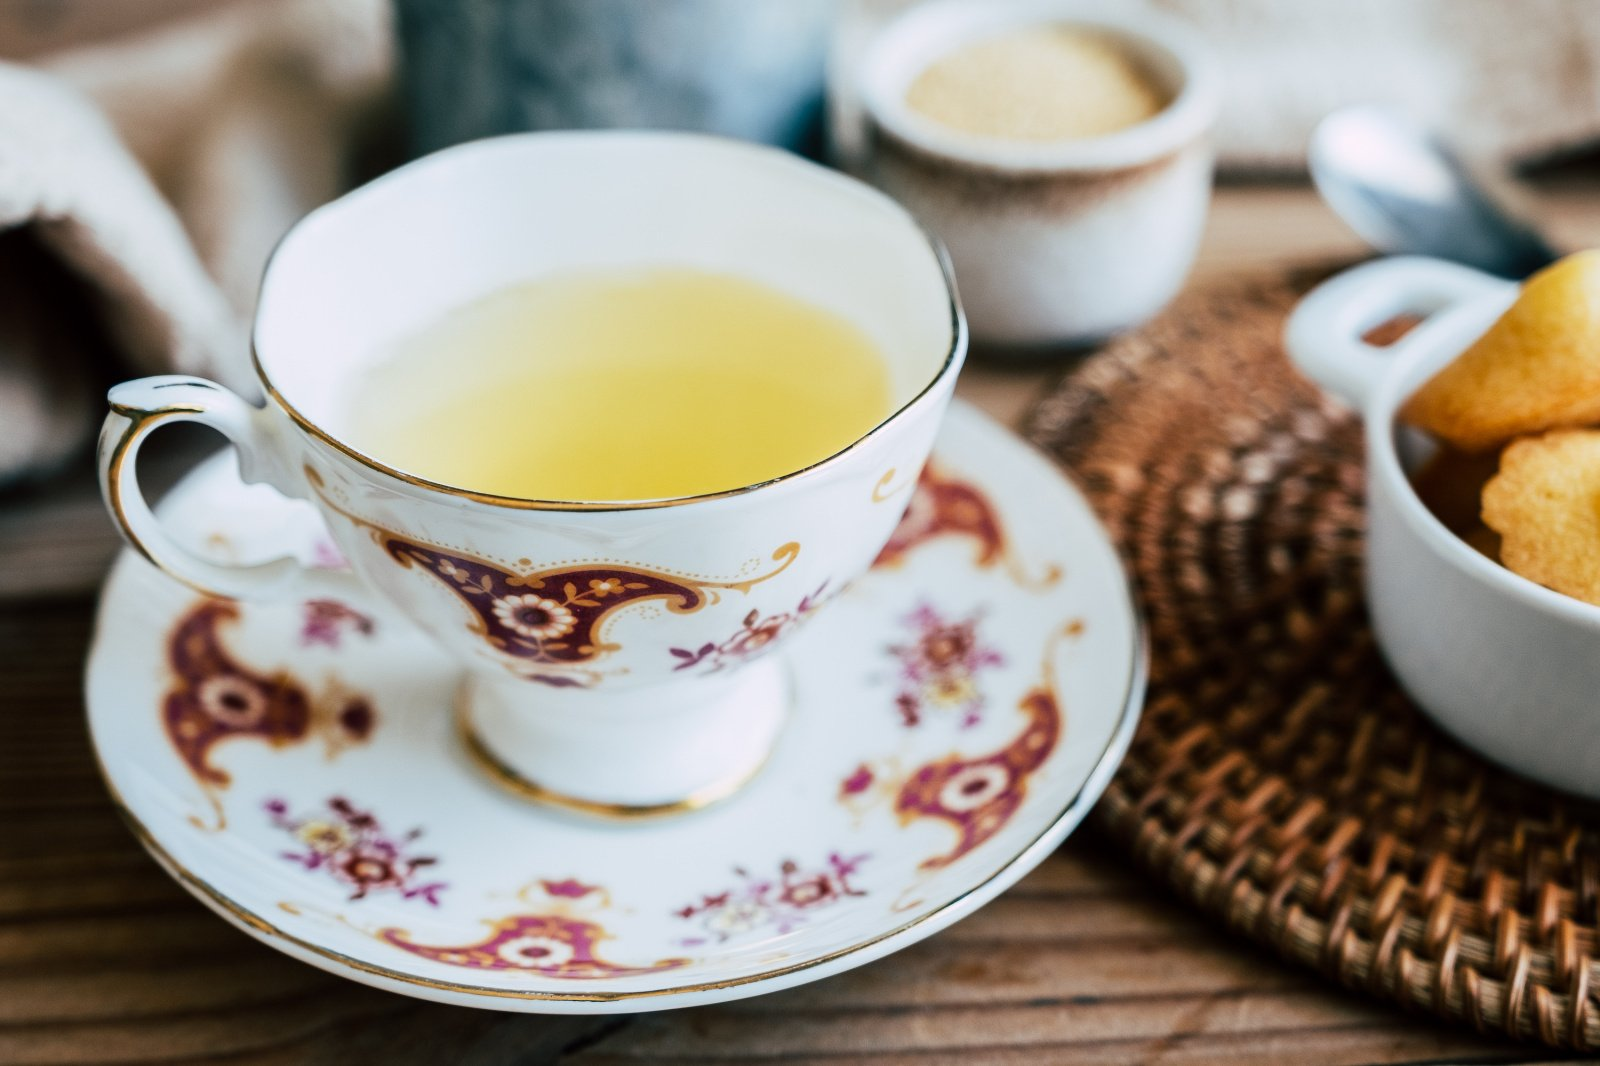 Чай и кофе. Друзья или враги?